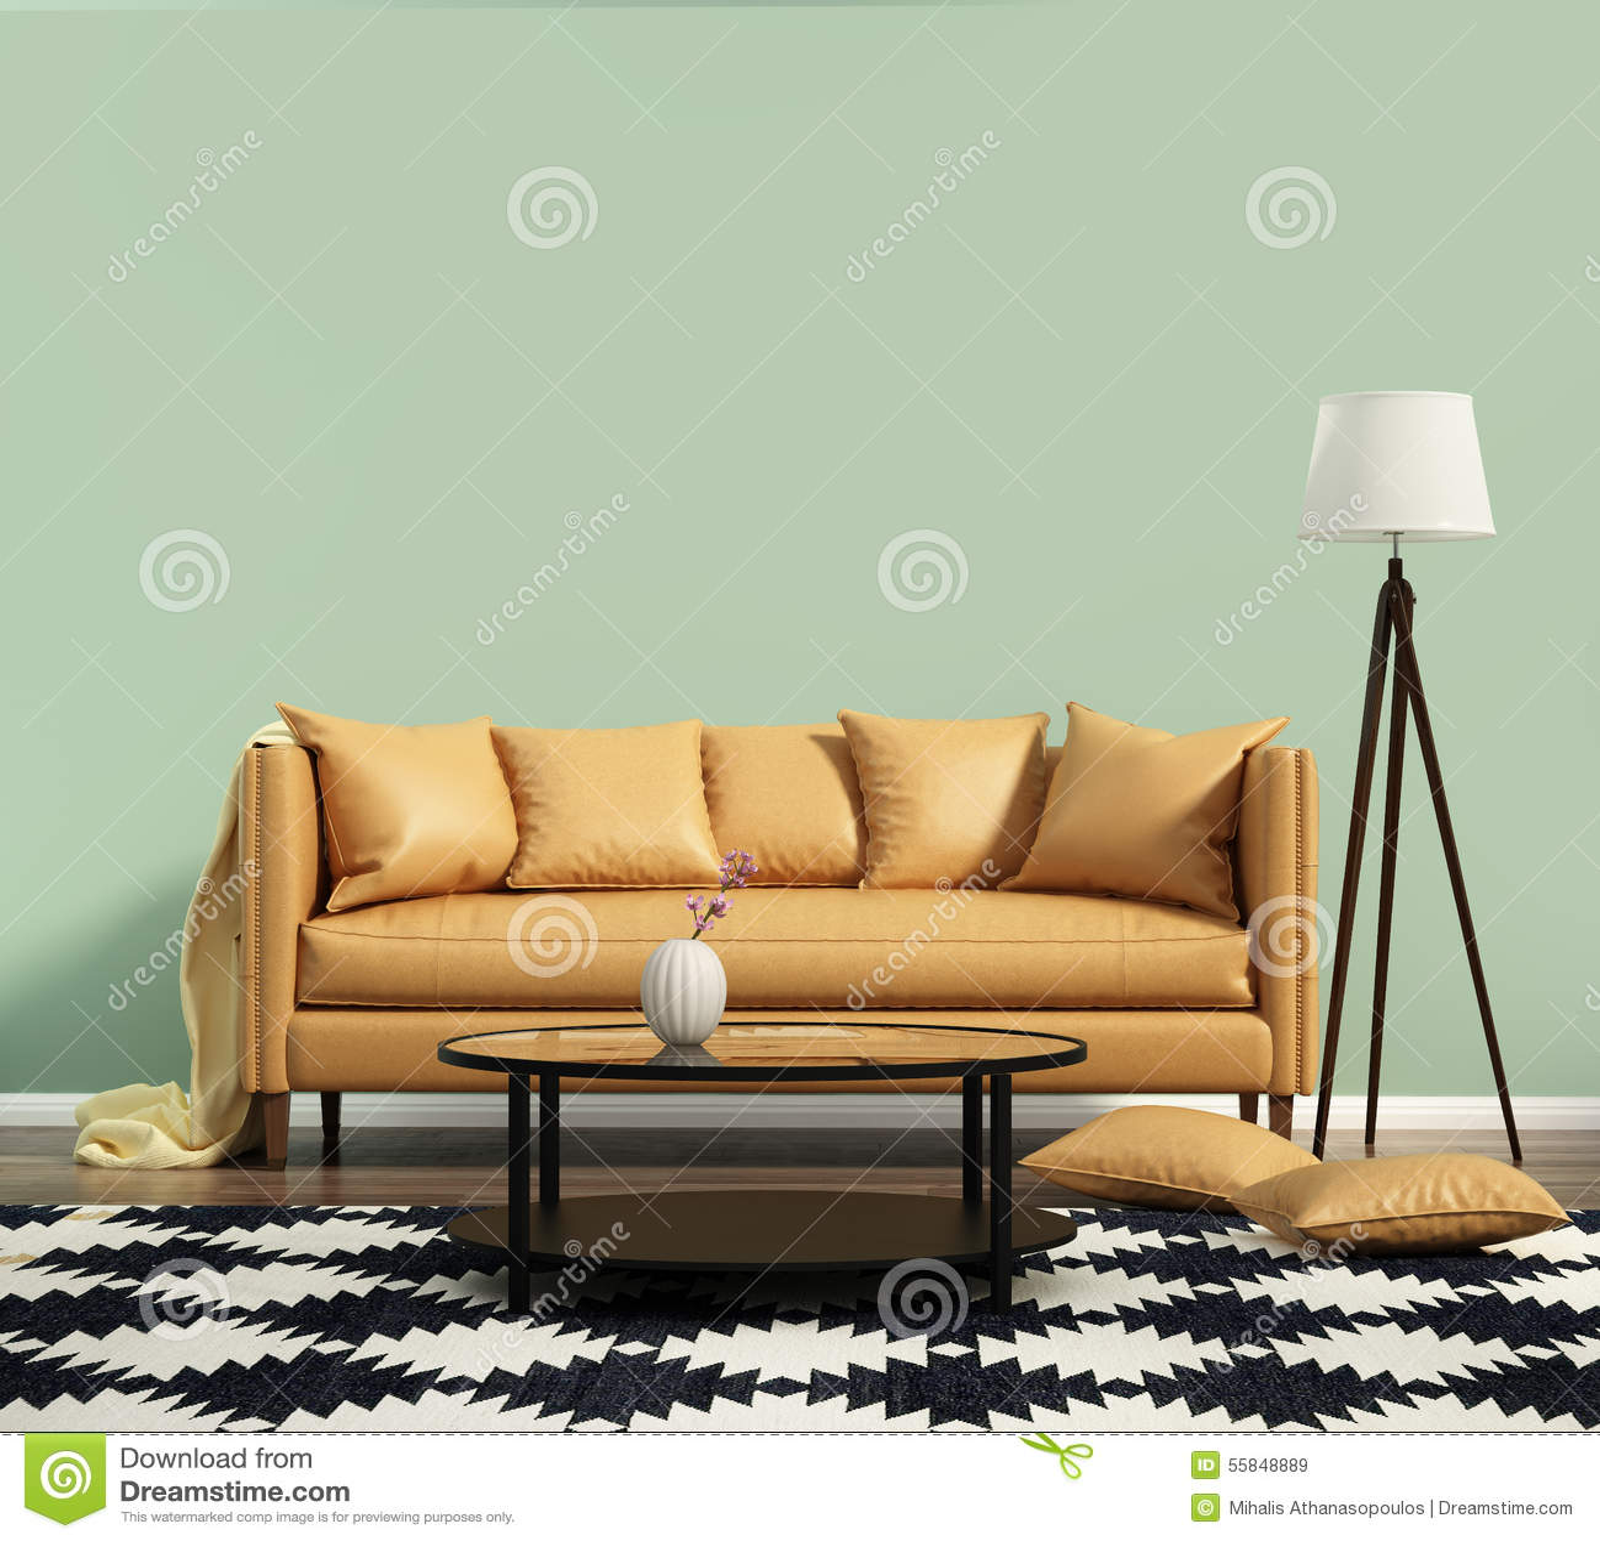 Wohnzimmer Mit Einem Ledernen Sofa Mit Grüner Wand Stockbild ...